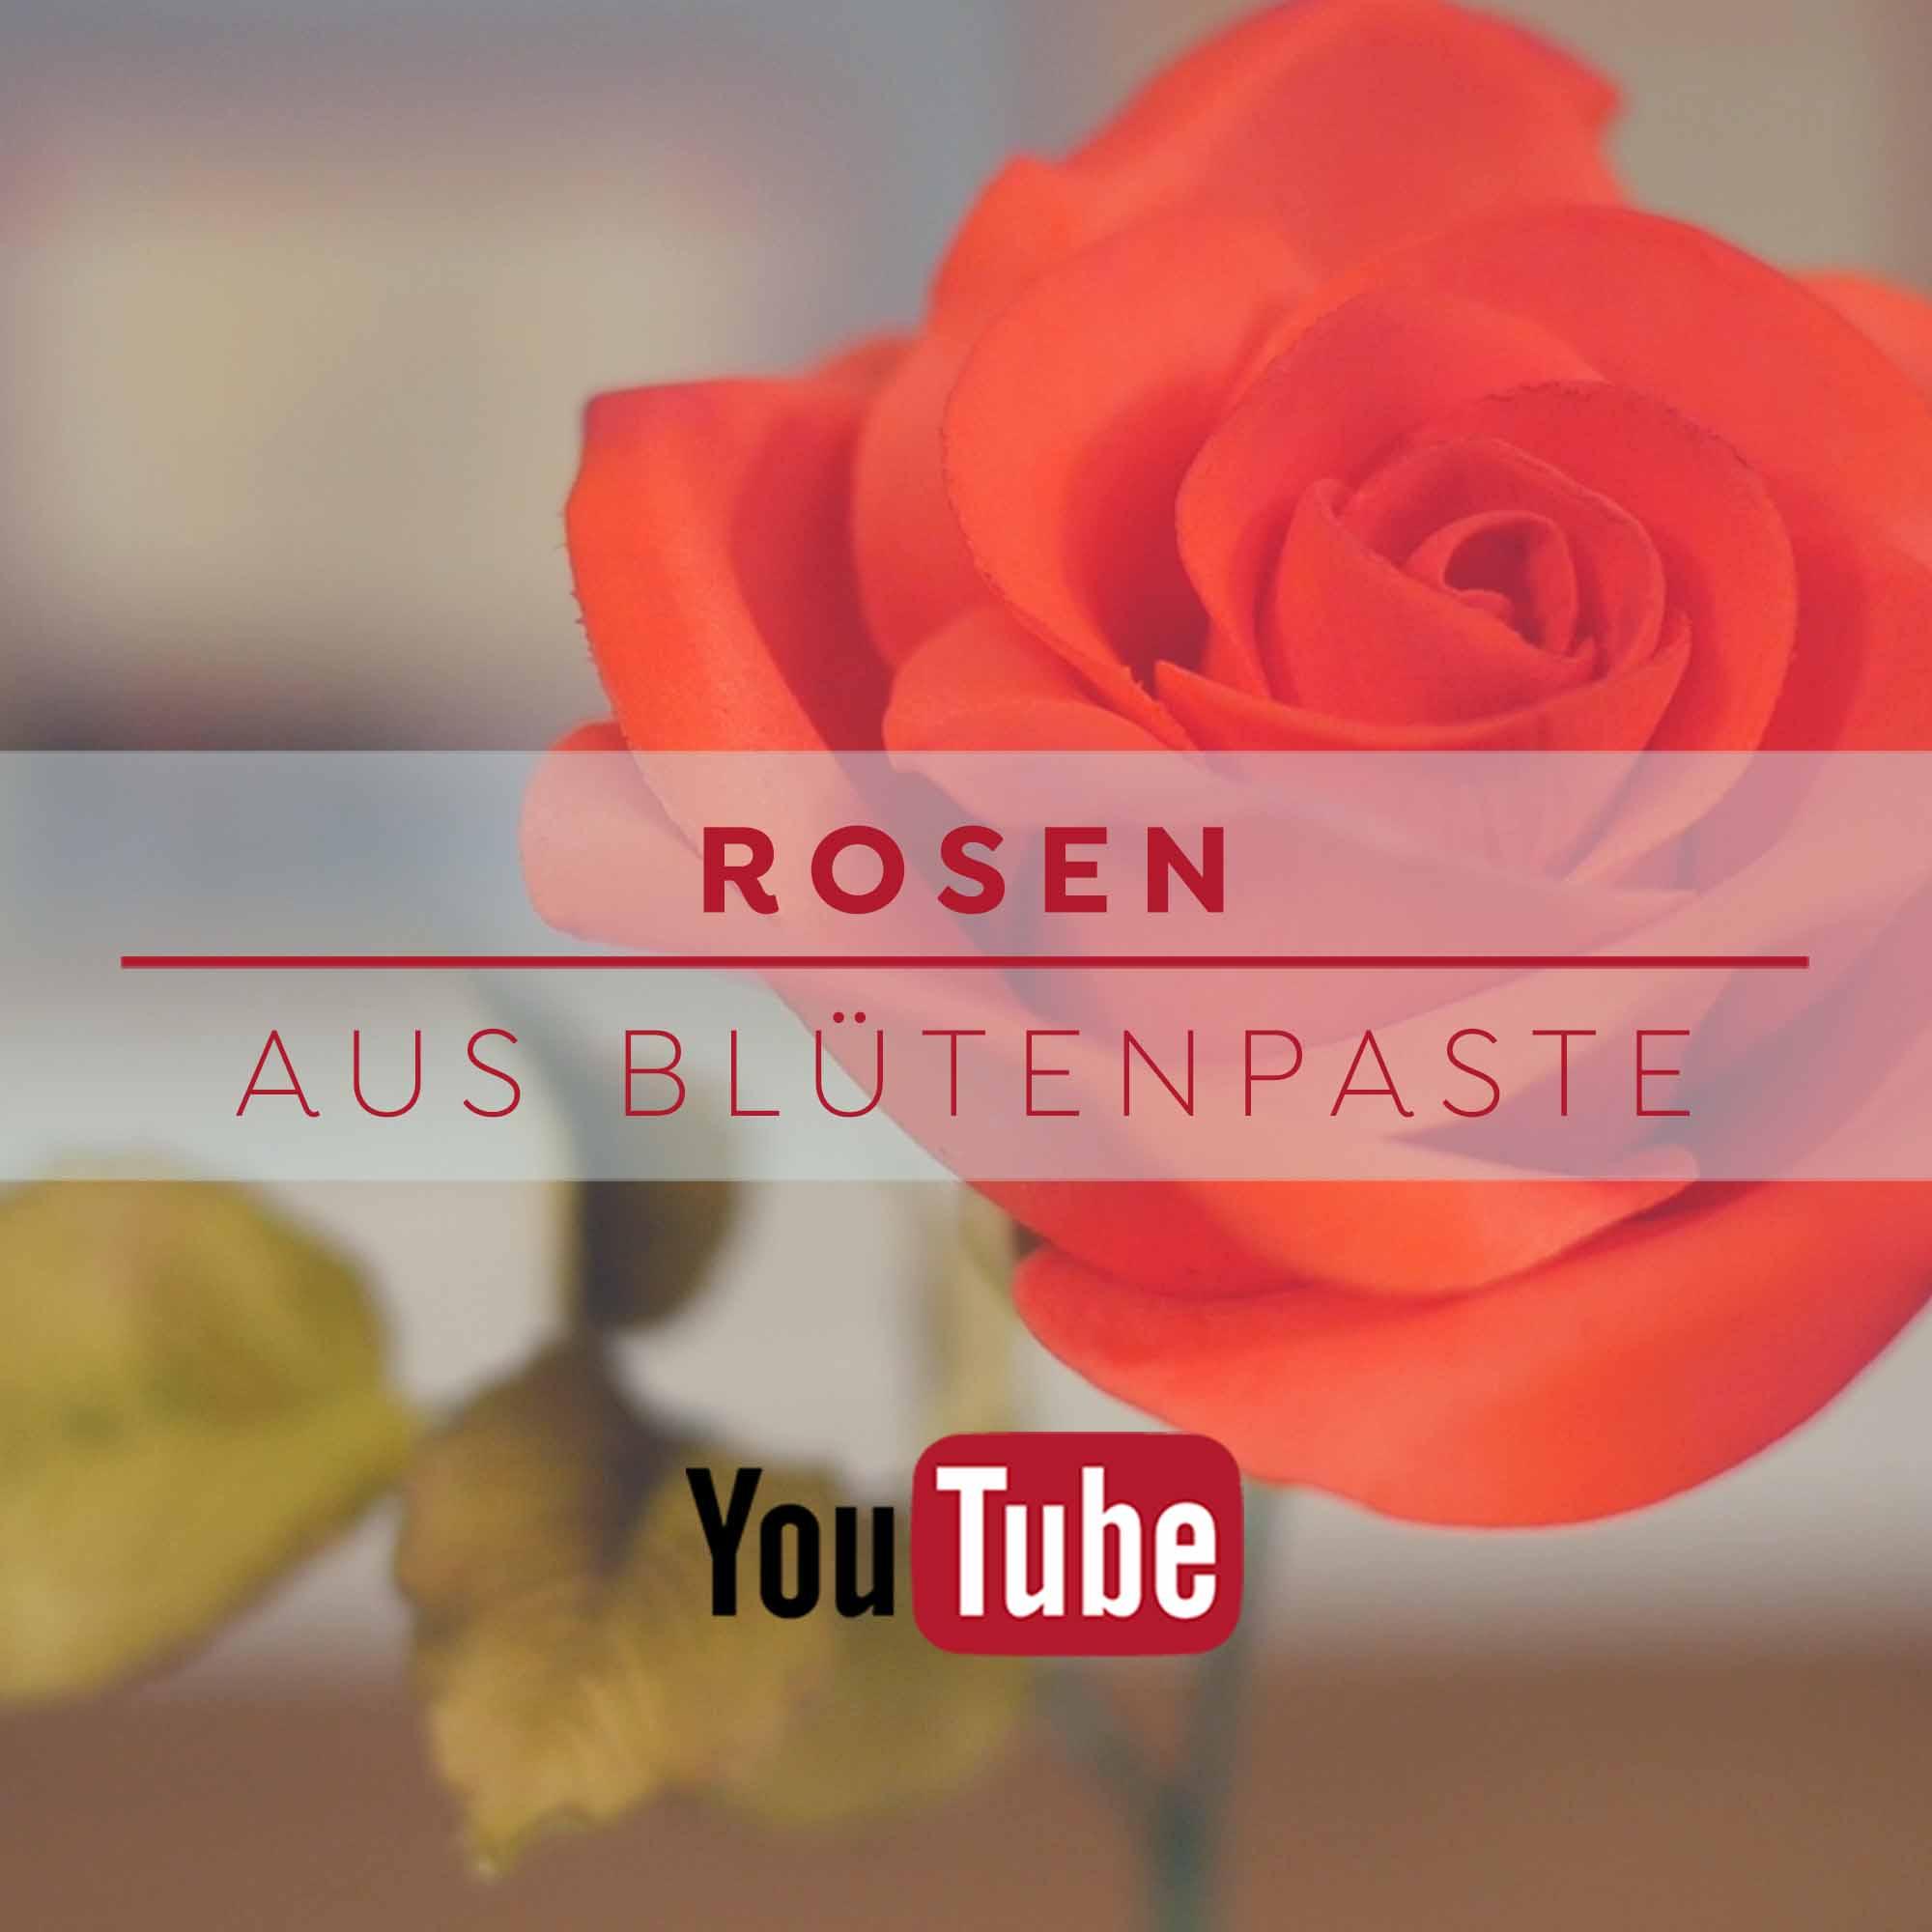 Rosen aus Blütenpaste - YouTube Anleitung von Betty´s Sugar Dreams